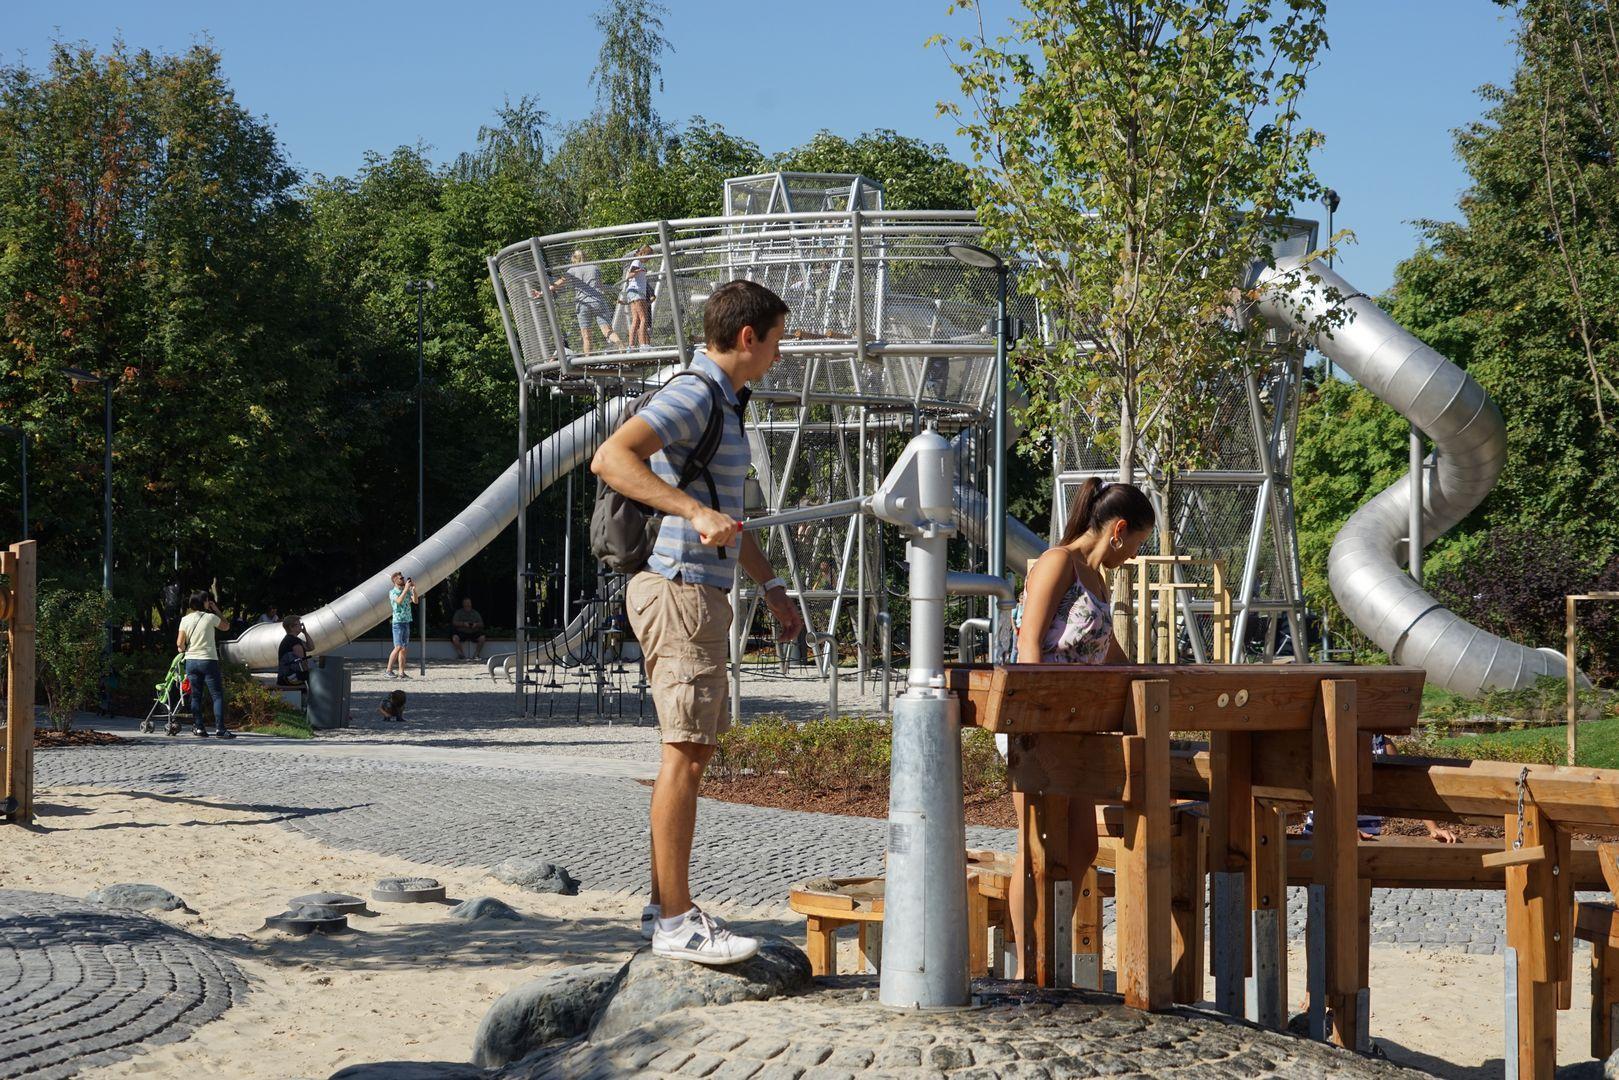 Новая детская площадка «Салют» в парке Горького. Поляна малышей